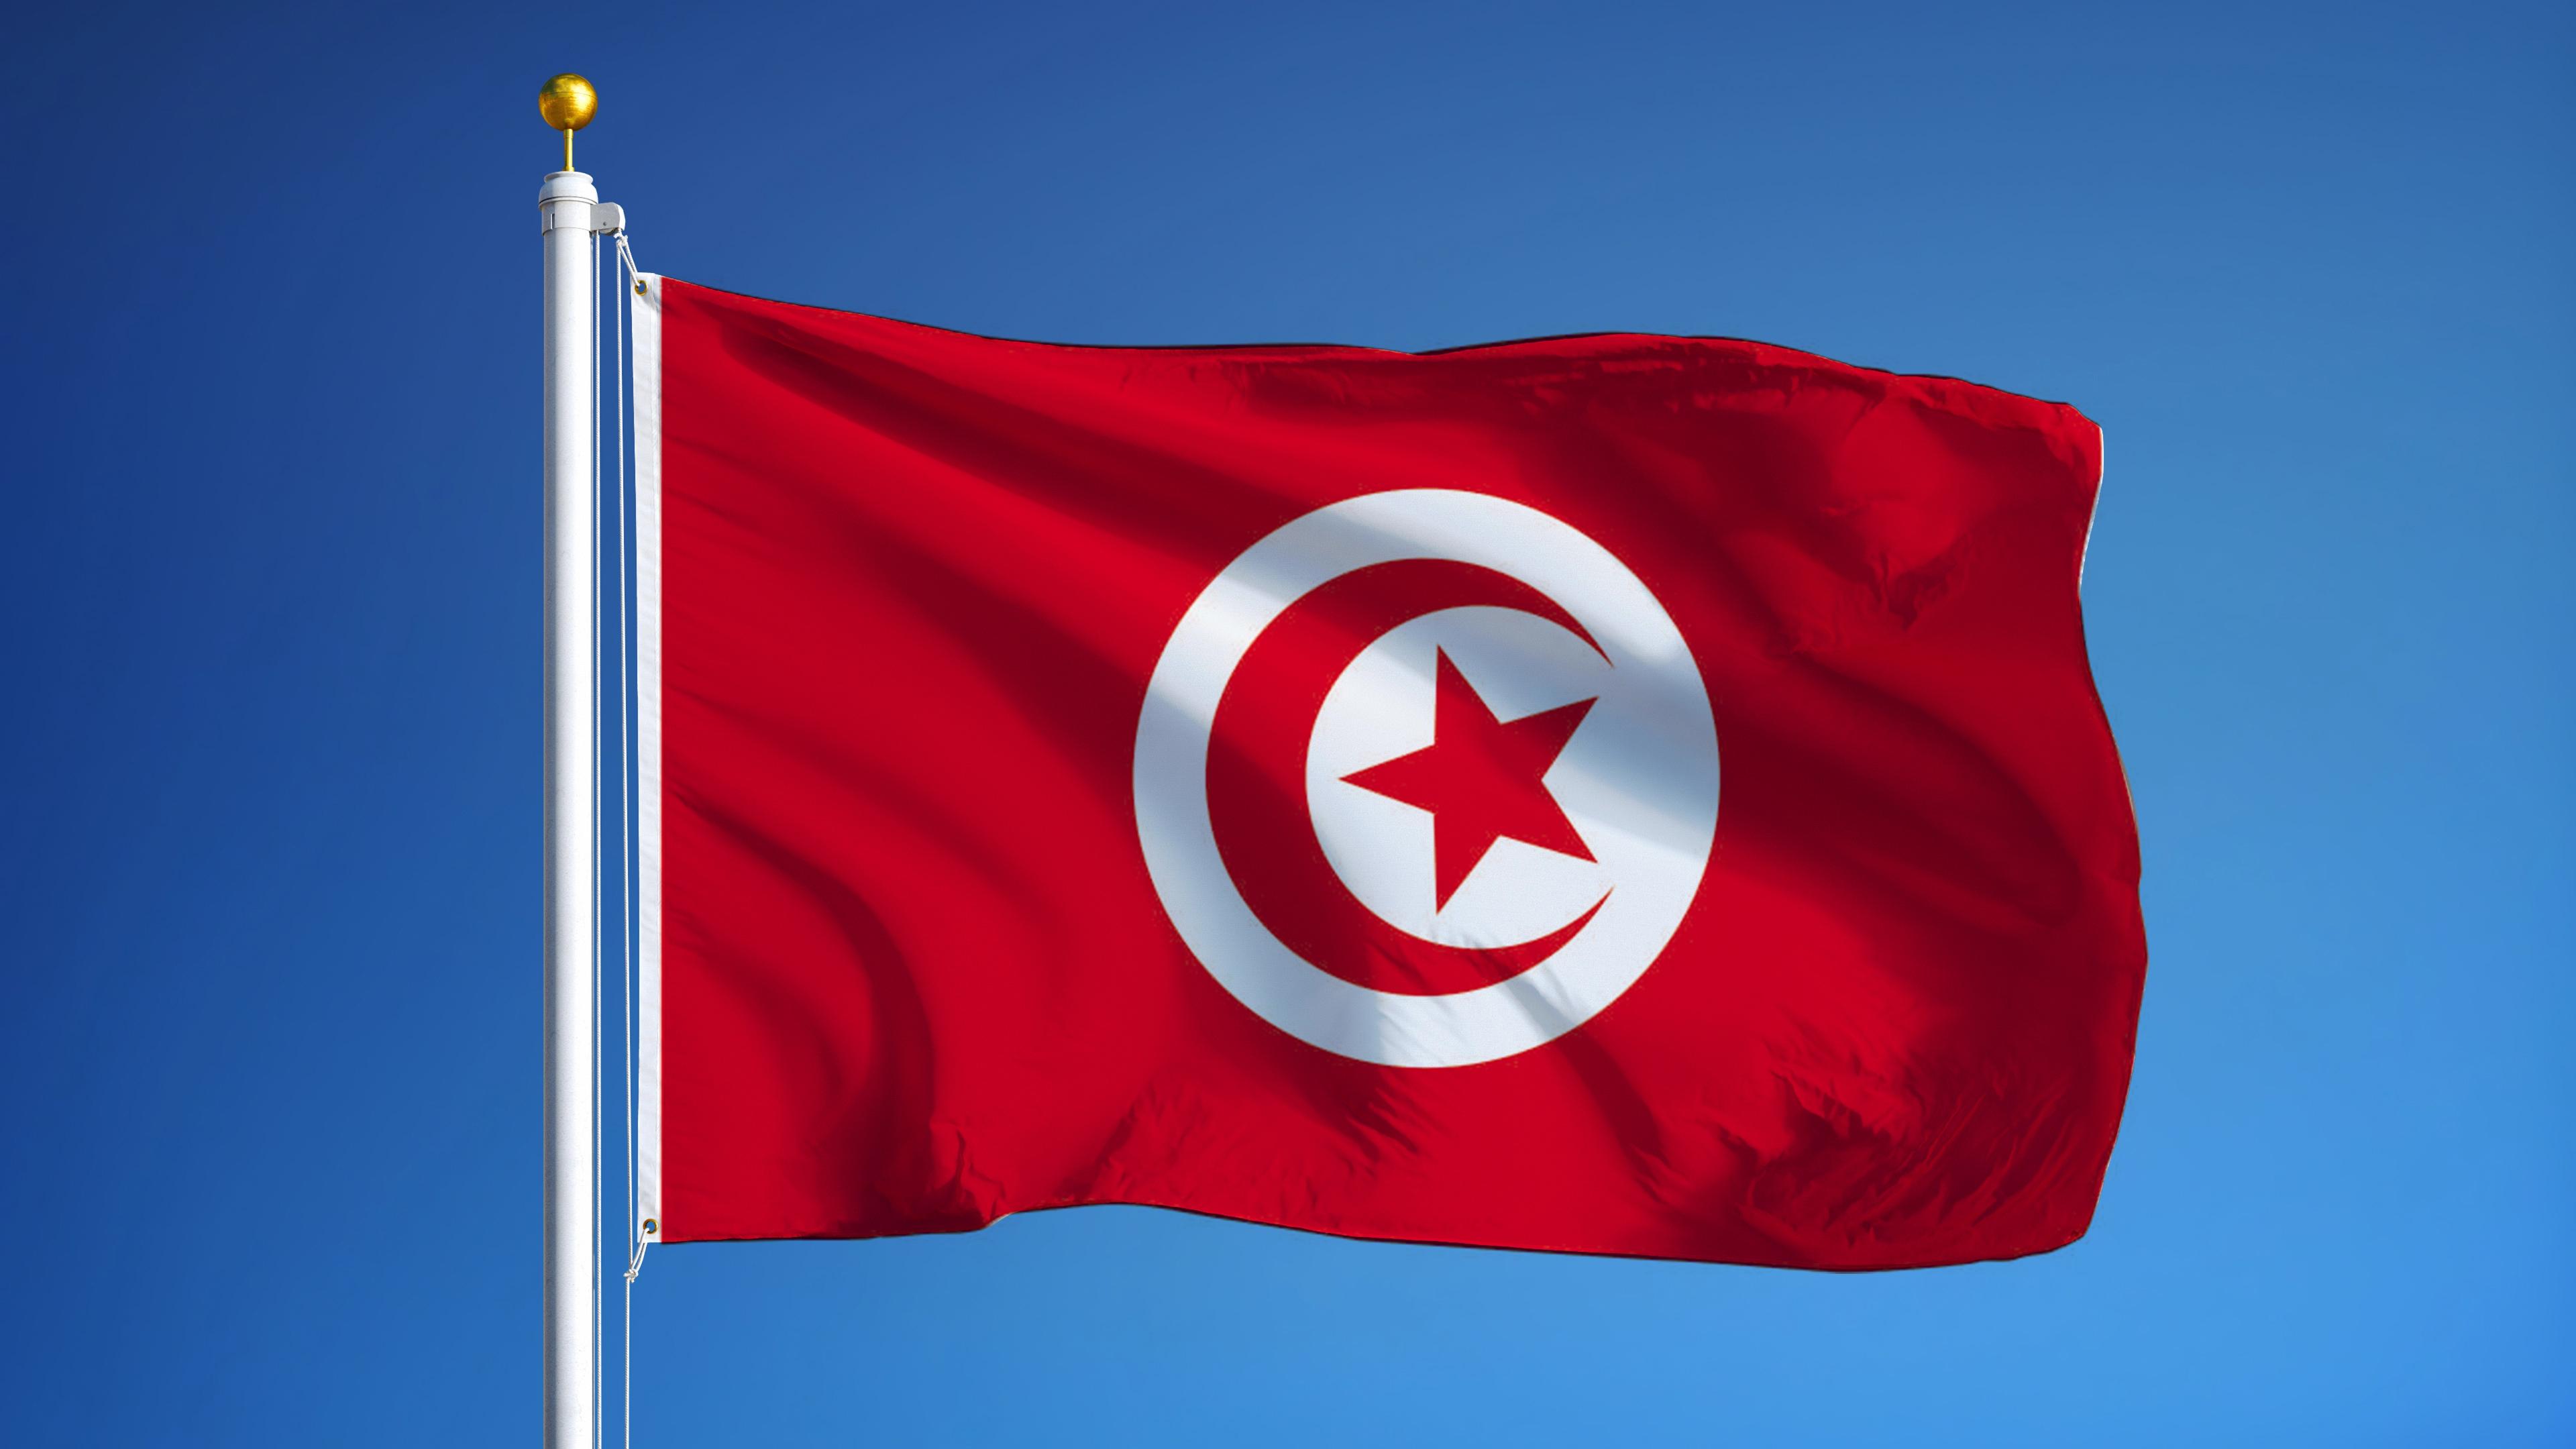 Tunus'un Başkenti ve Para Birimi Nedir? Tunus'un Bayrağı Nasıldır?